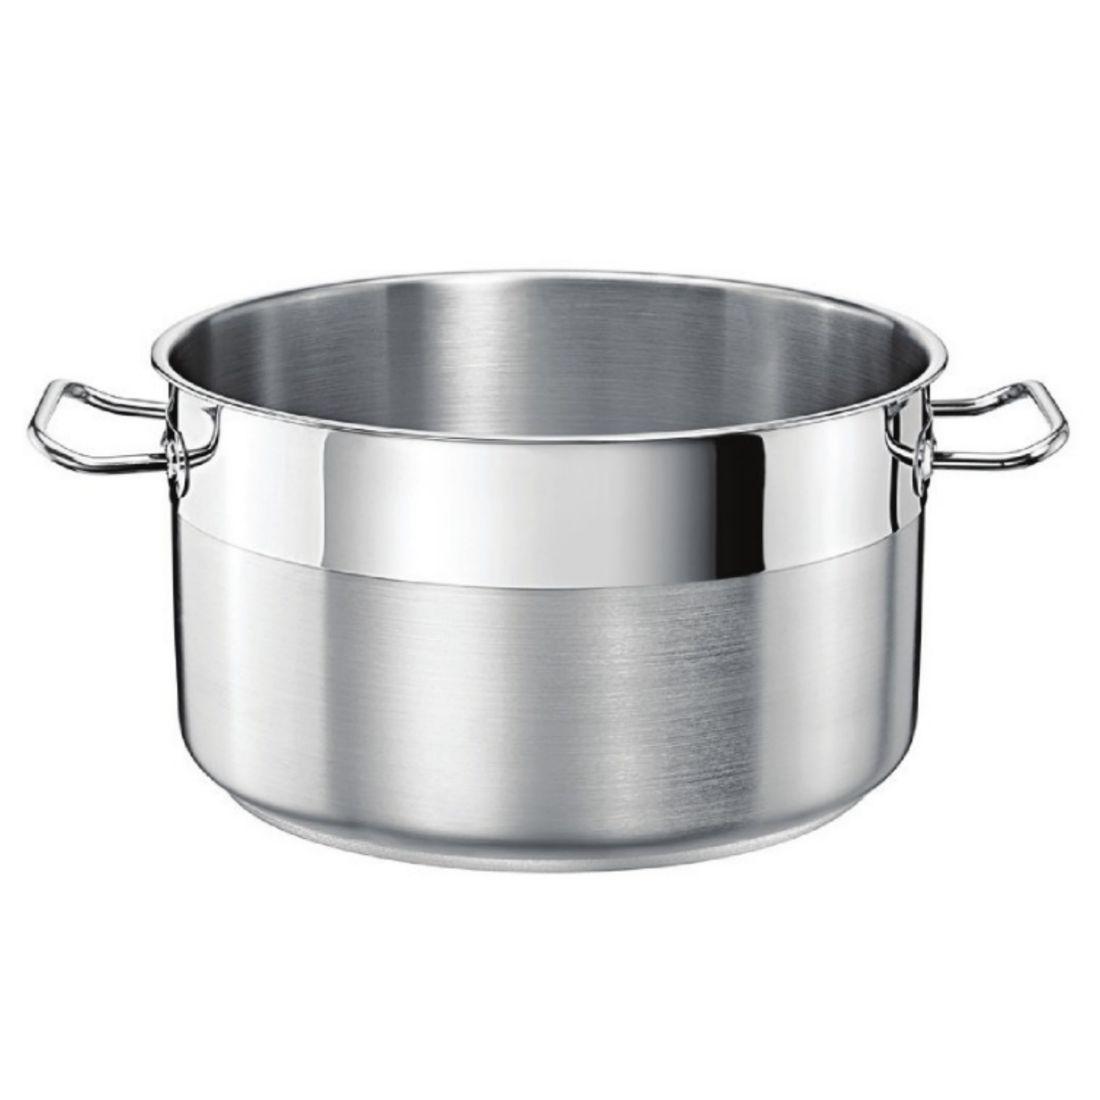 Hrnec střední TOMGAST Silver 42,5 l